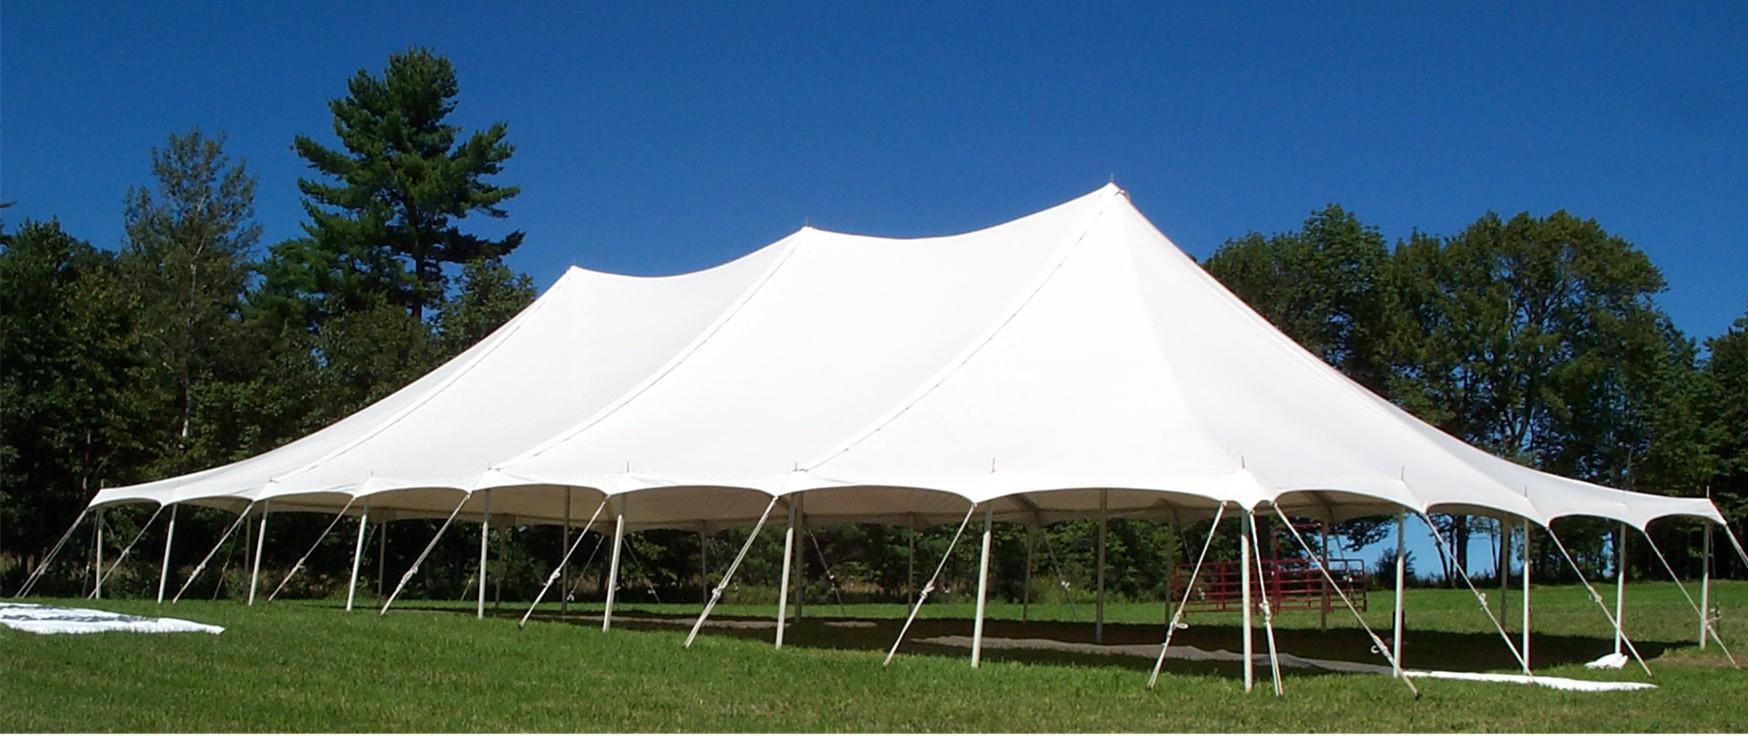 Action Party Tent Rentals 15 2704 Hou St Pahoa Hi 96778